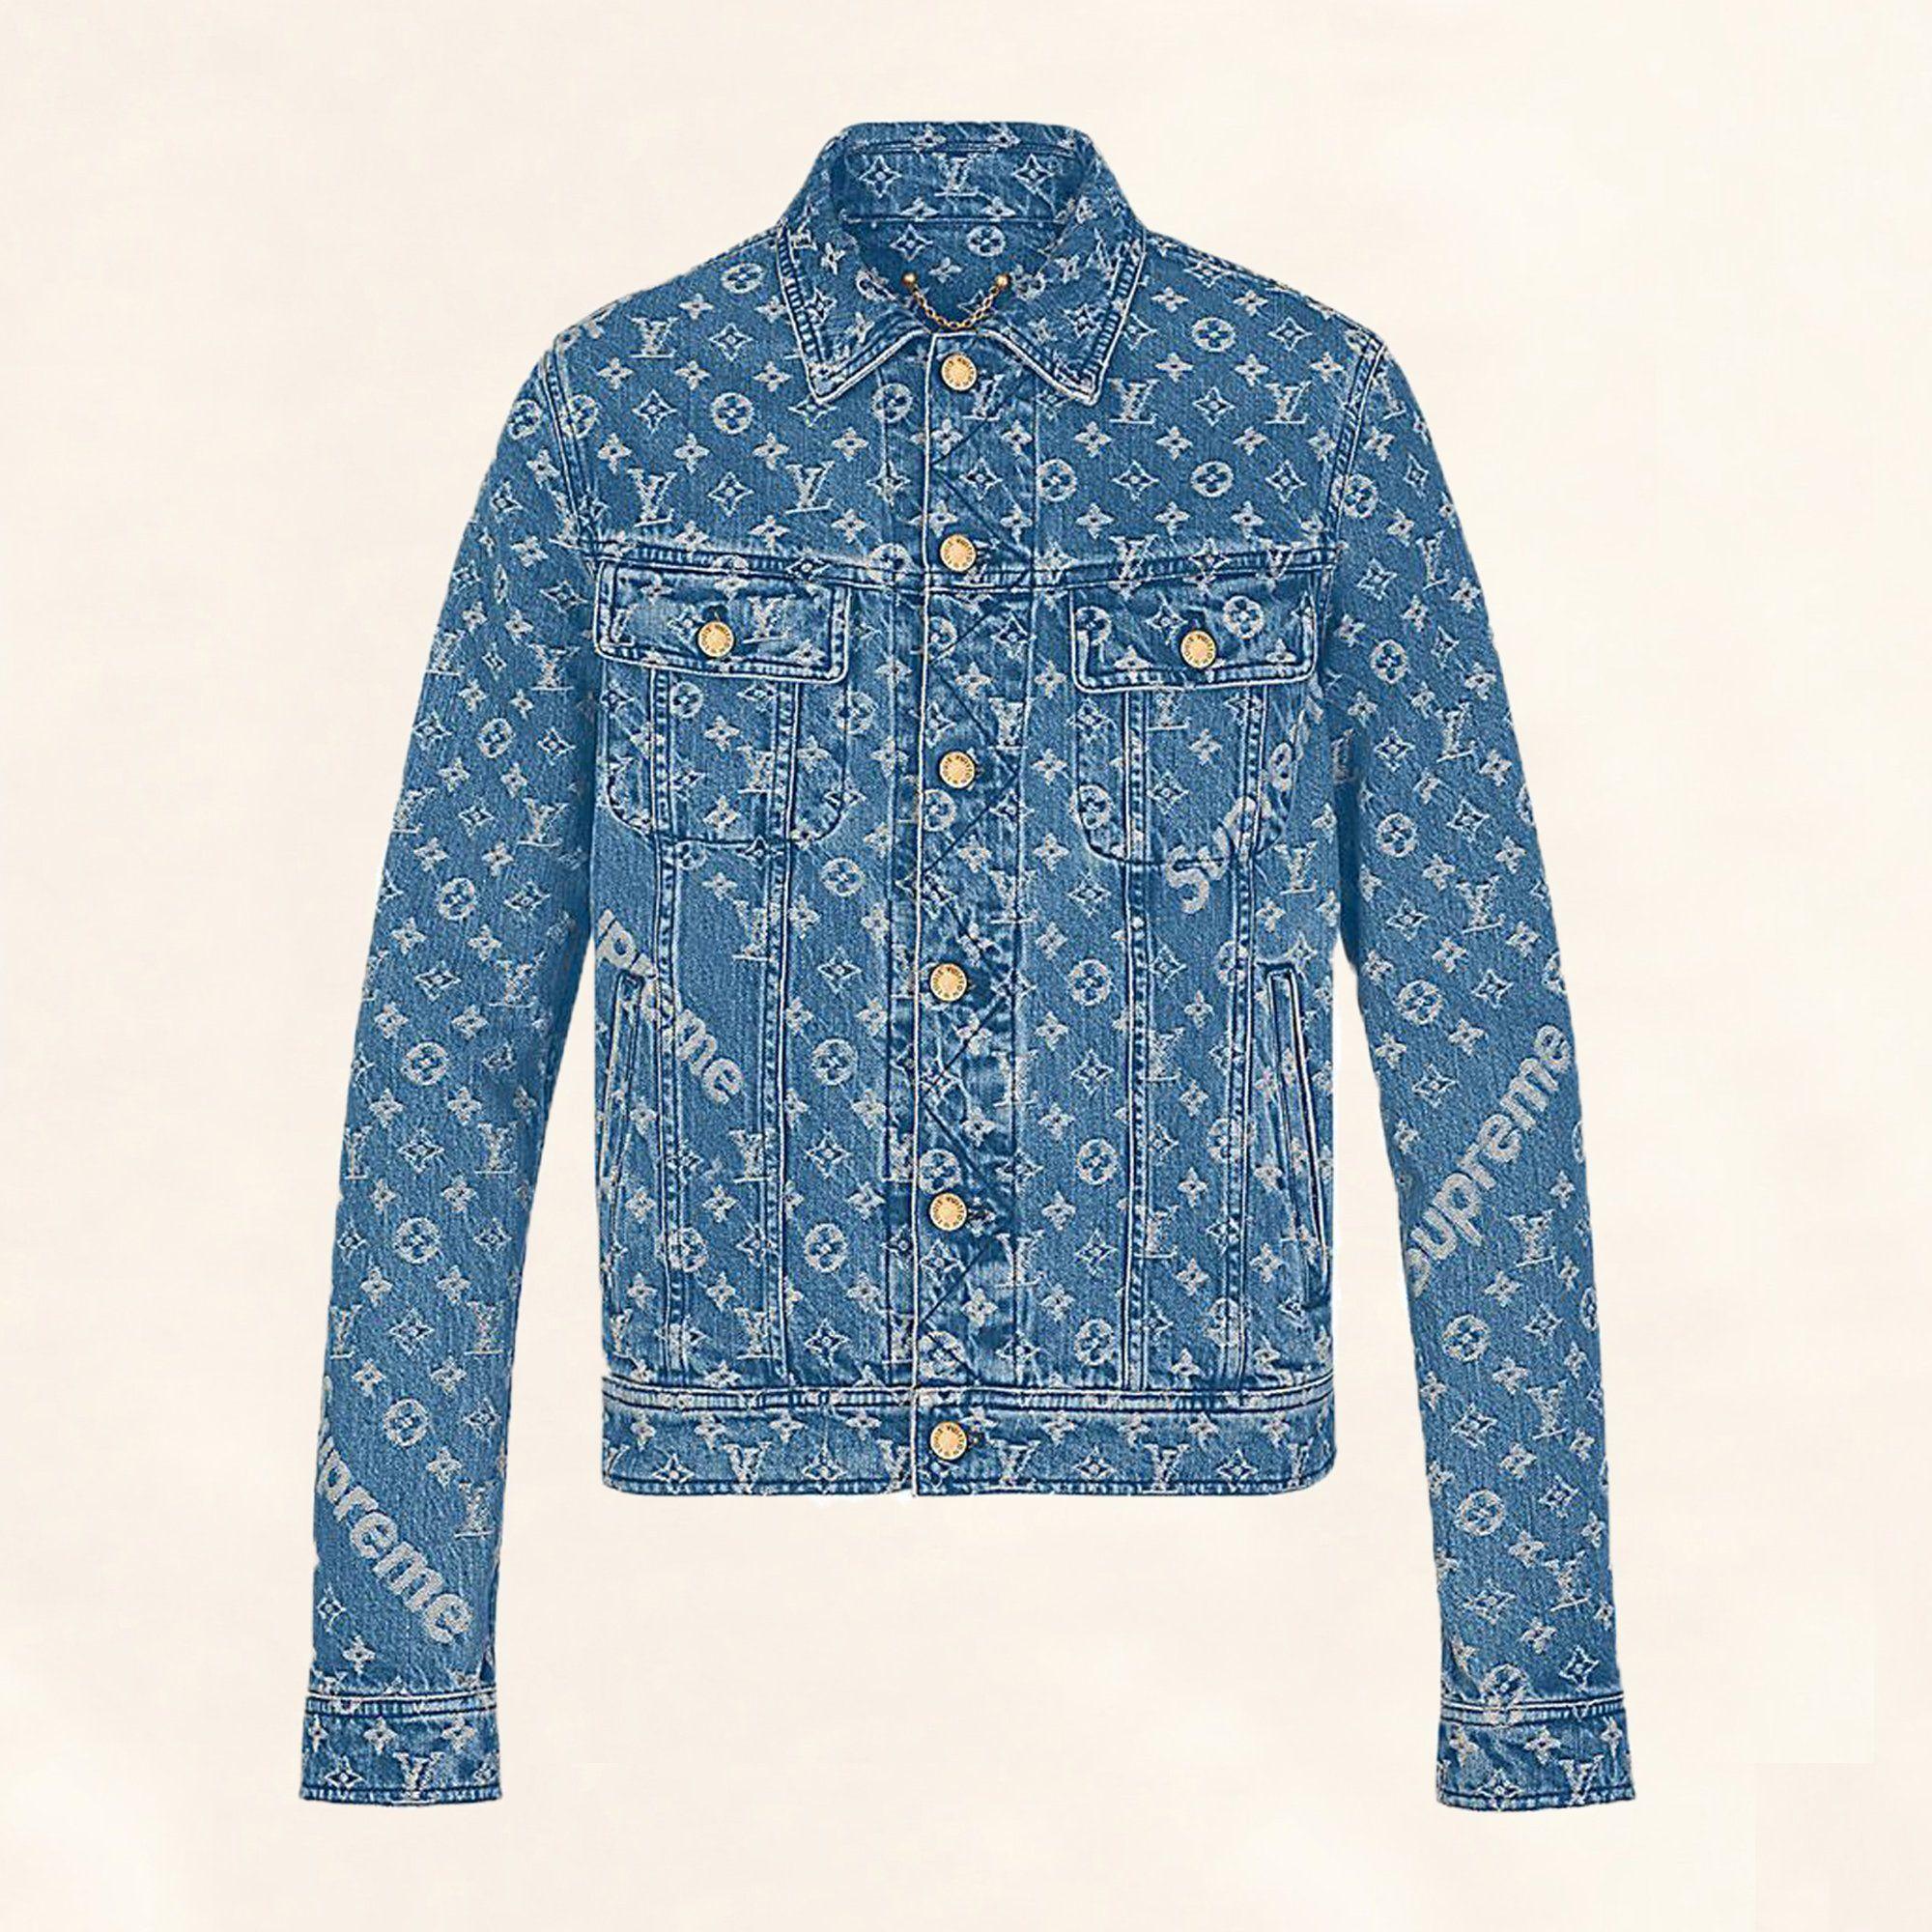 Supreme x Louis Vuitton denim jacket (With images) Mens